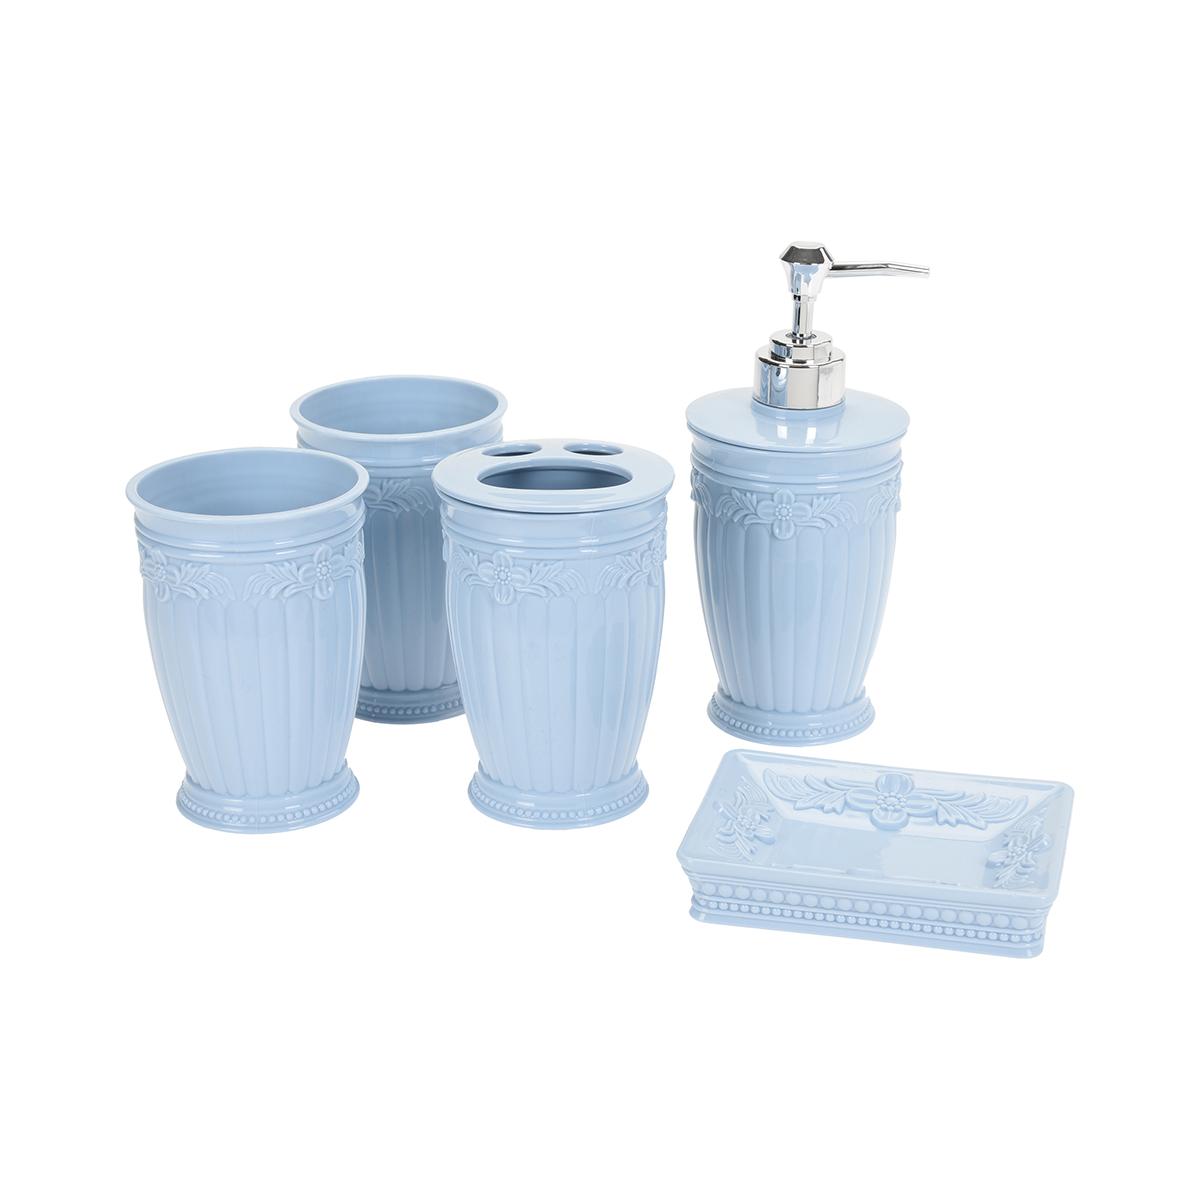 Set 5 accesorii pentru baie Koopman imagine